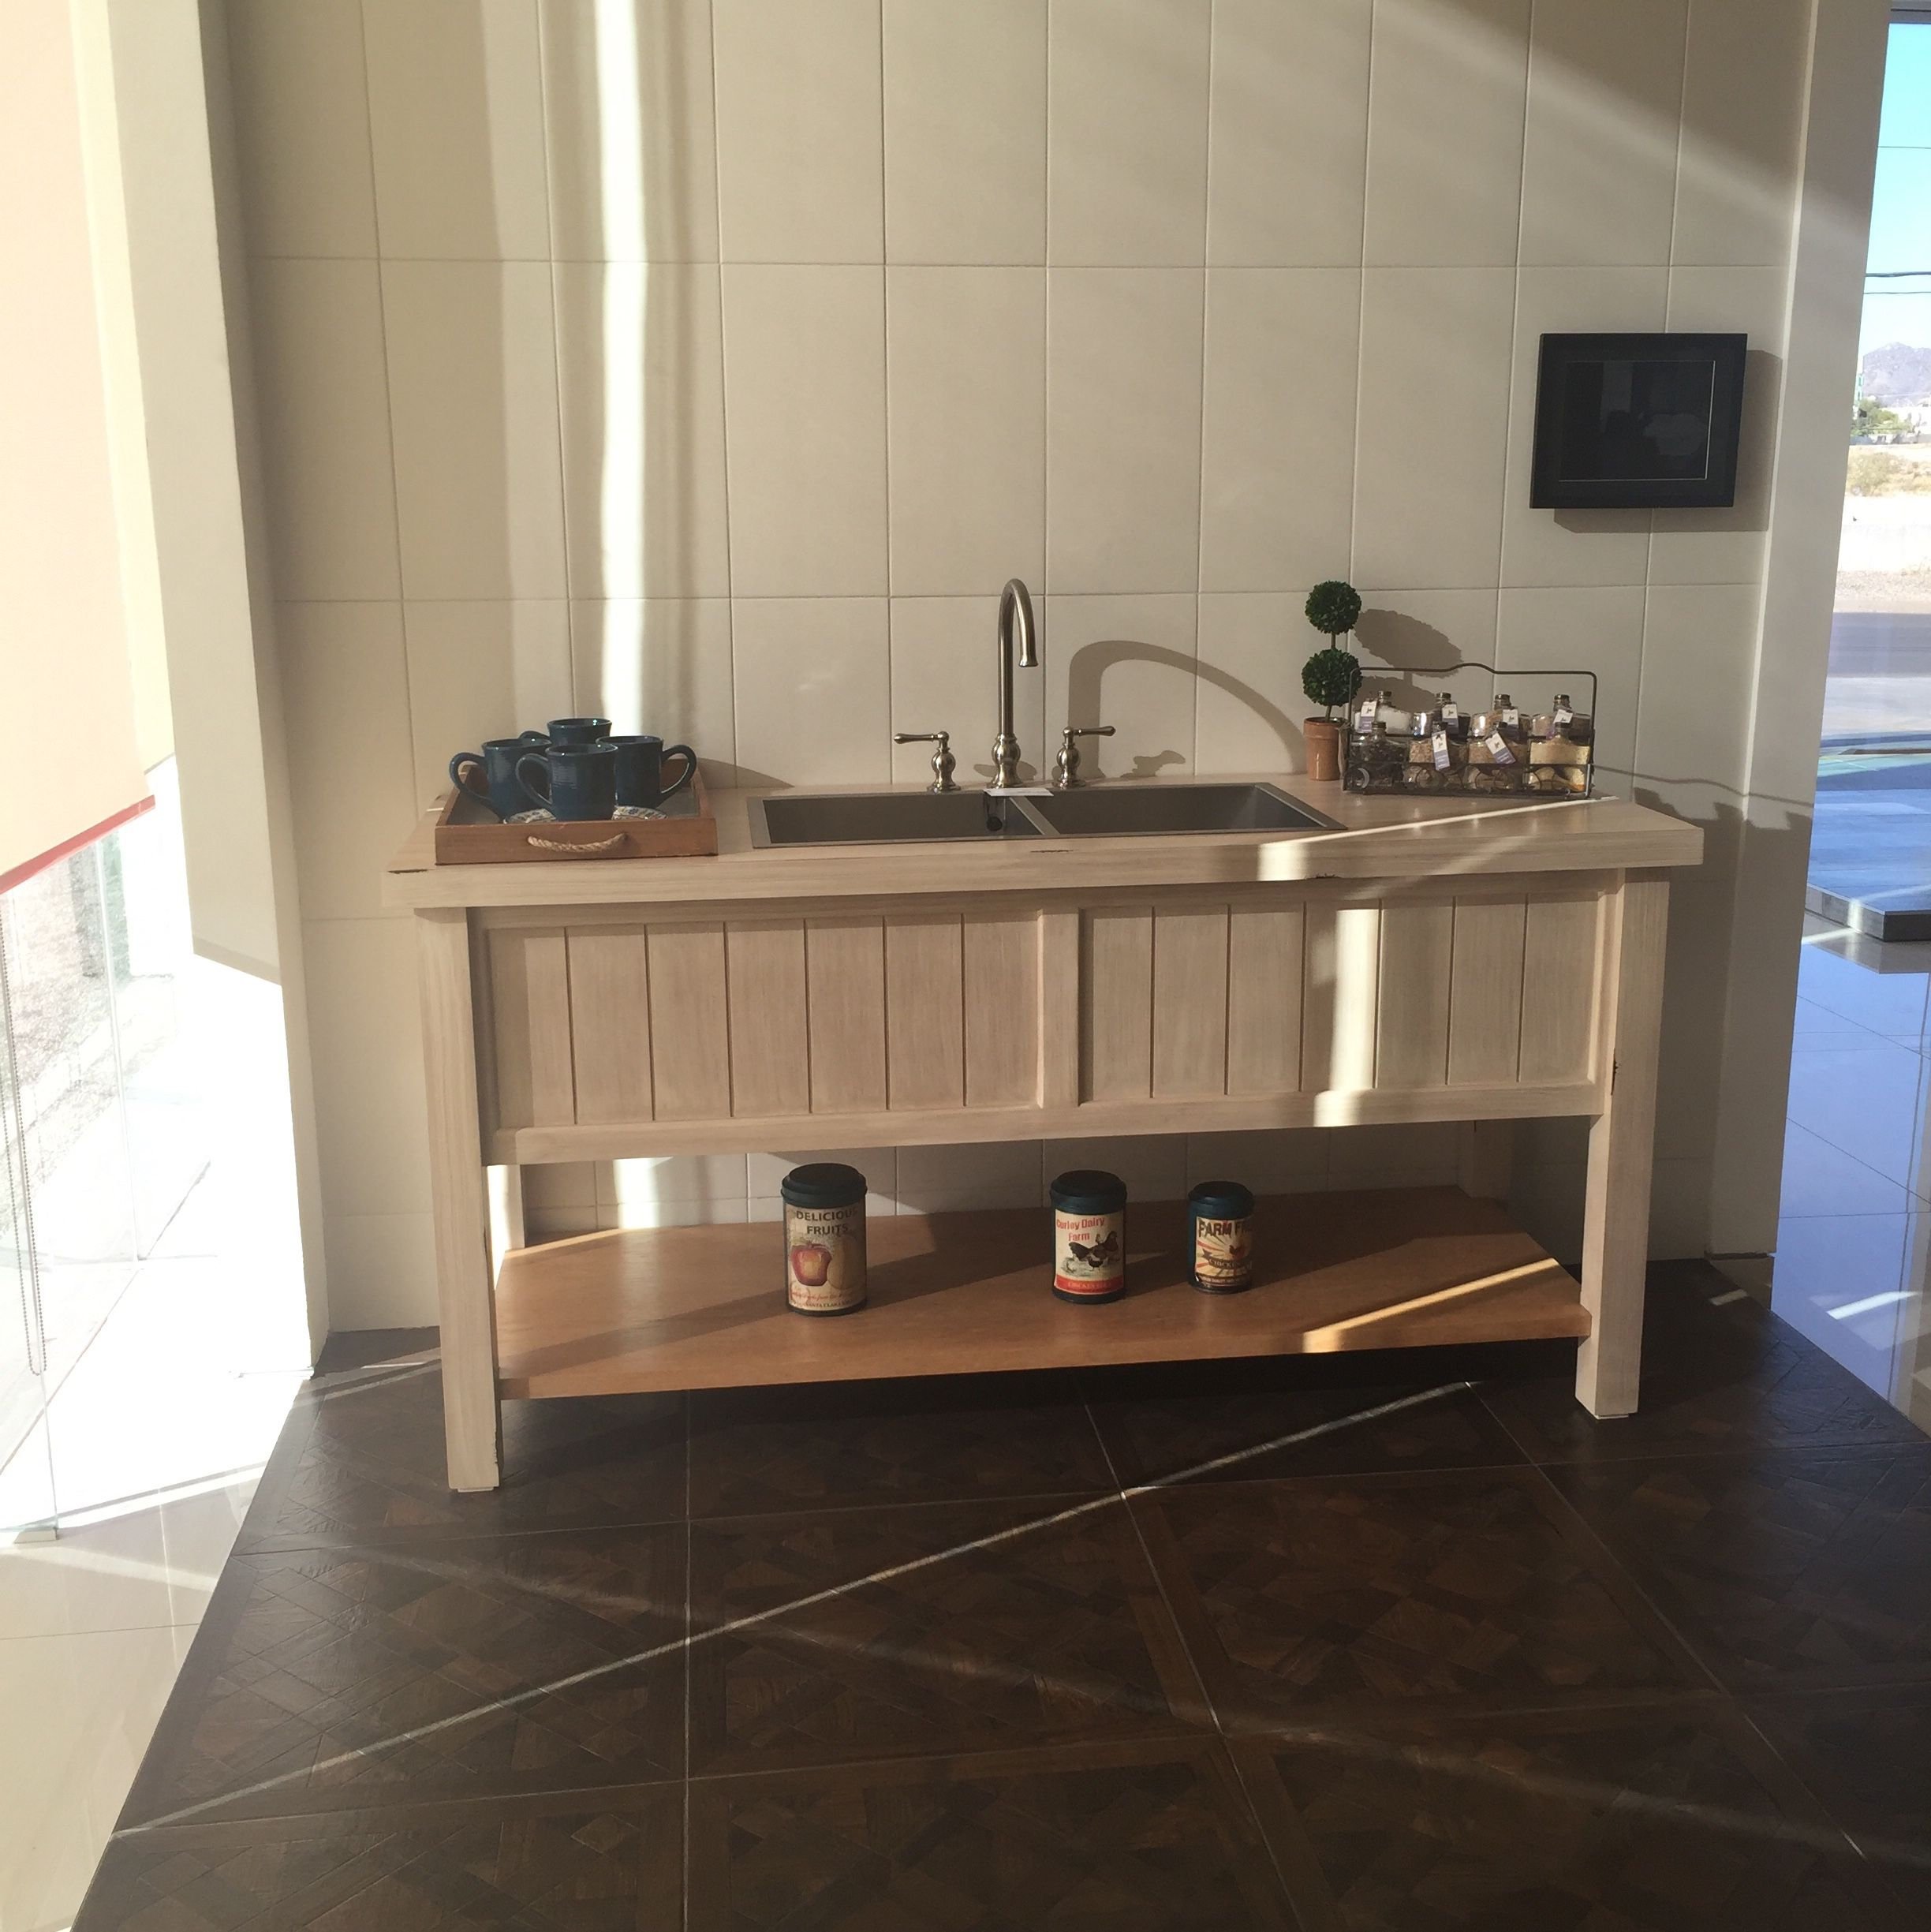 Azulejo capri piso provenzal tarja turin y llave praga for Mueble para tarja